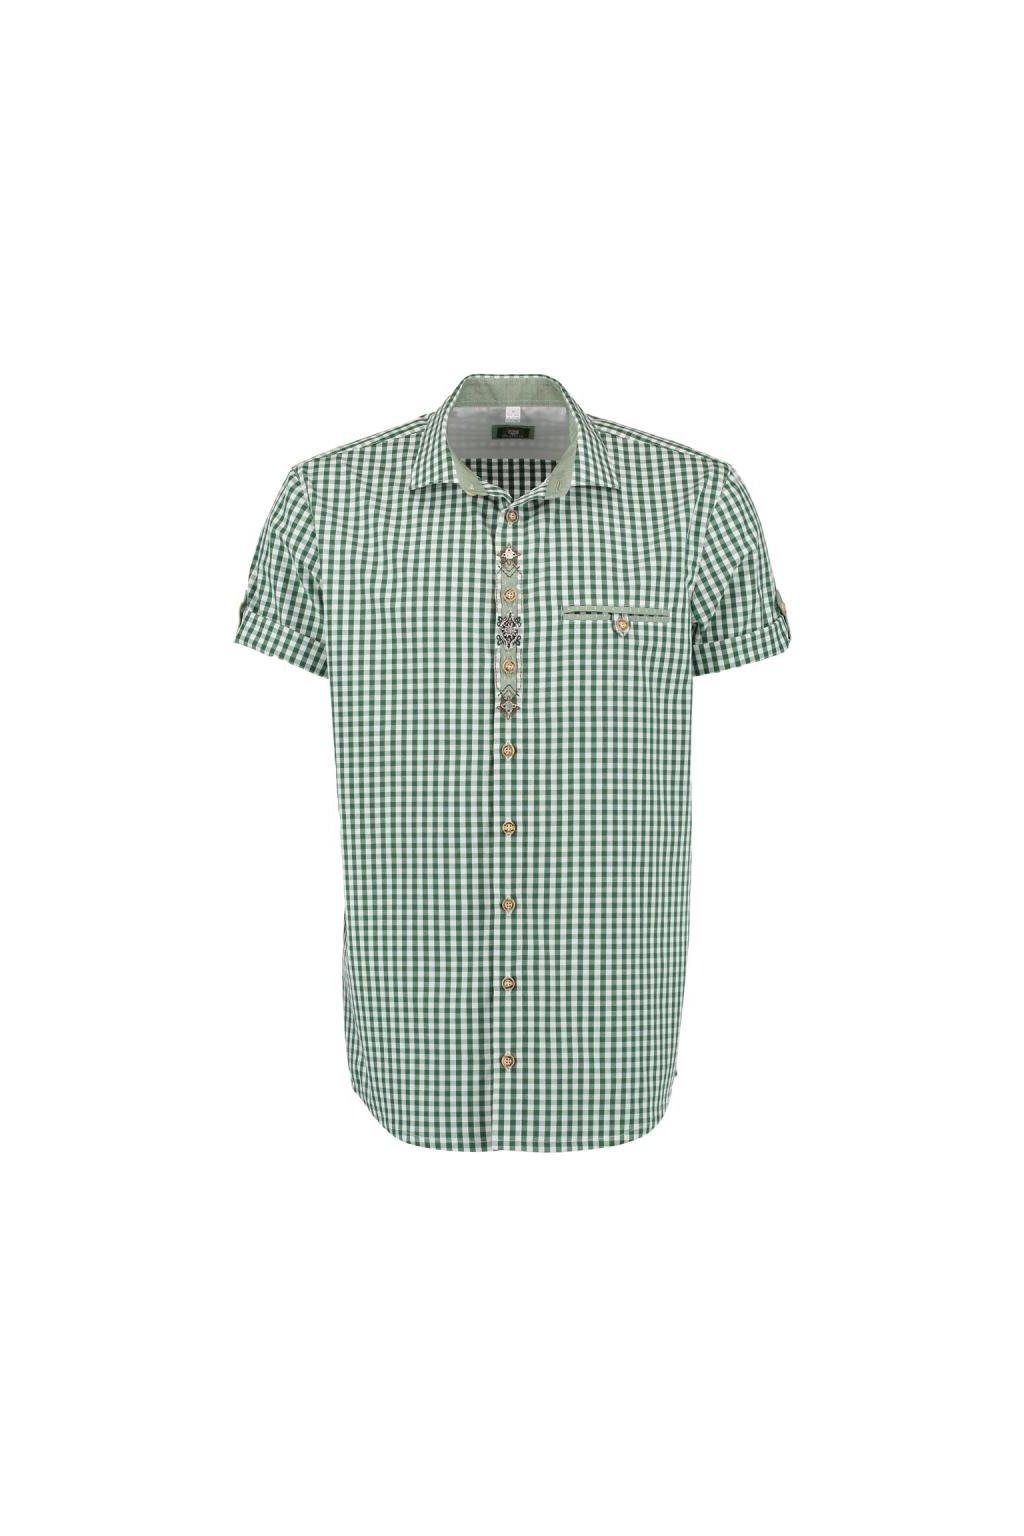 ORBIS - košile zdobená s krátkým rukávem (3646)